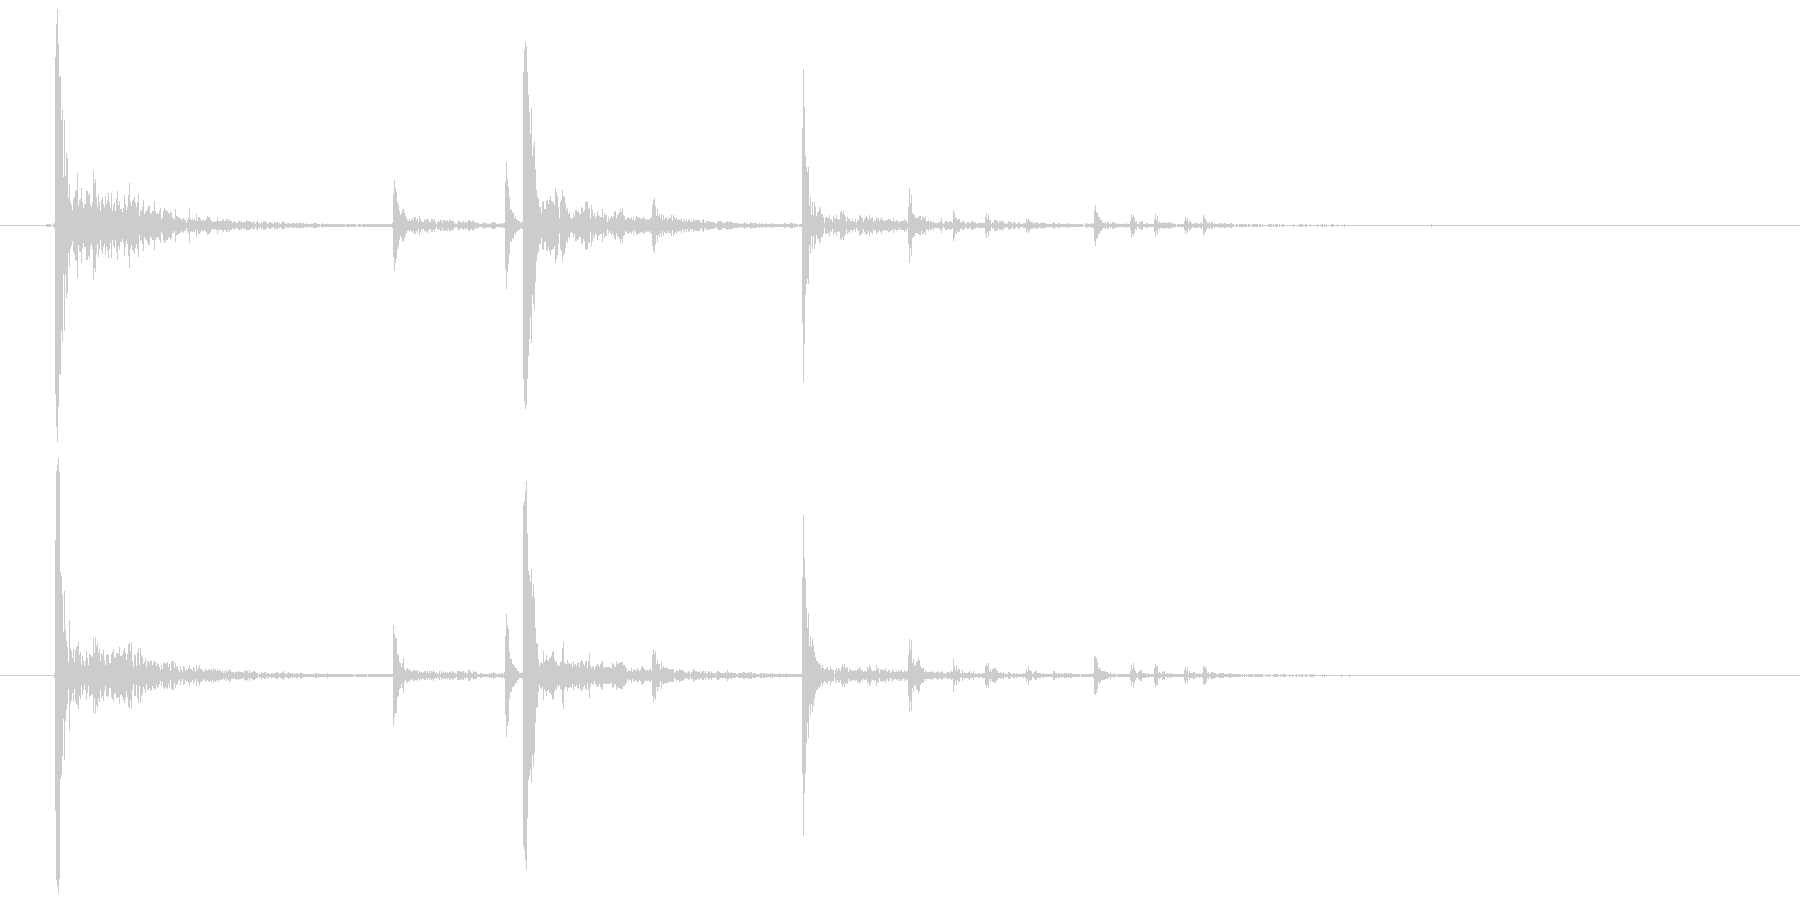 置く、落下 軽い系(物音)カッ、コロリの未再生の波形